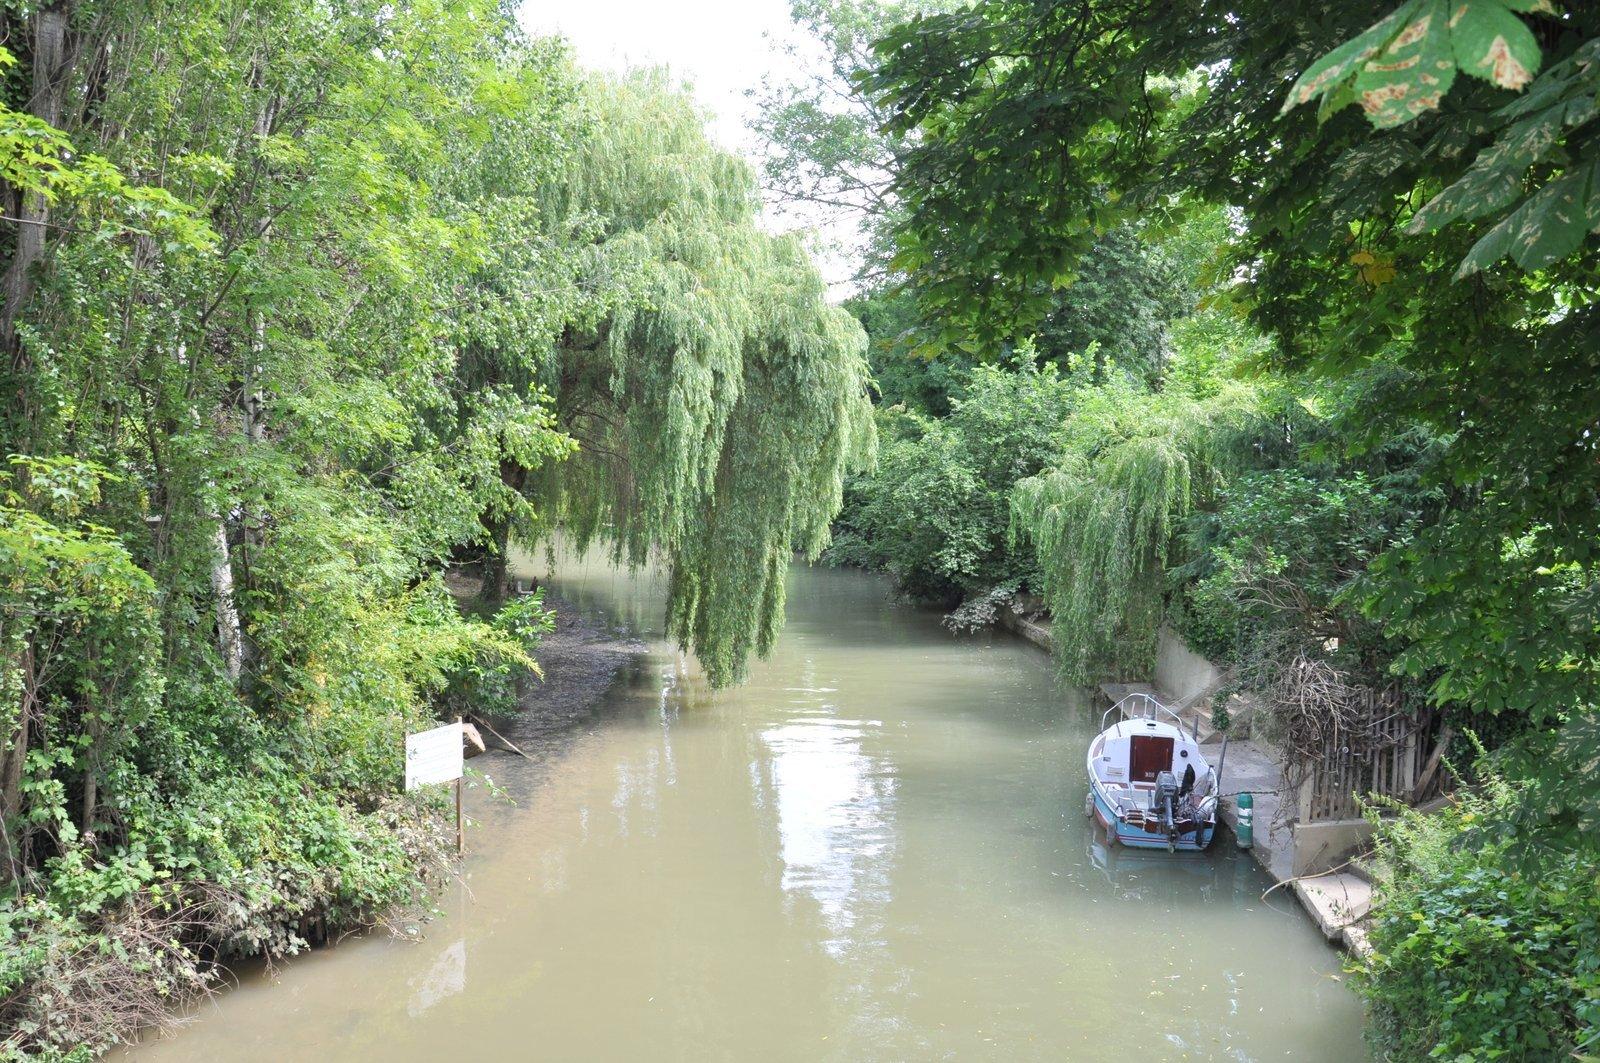 Le canal de Polangis à Joinville-le-Pont